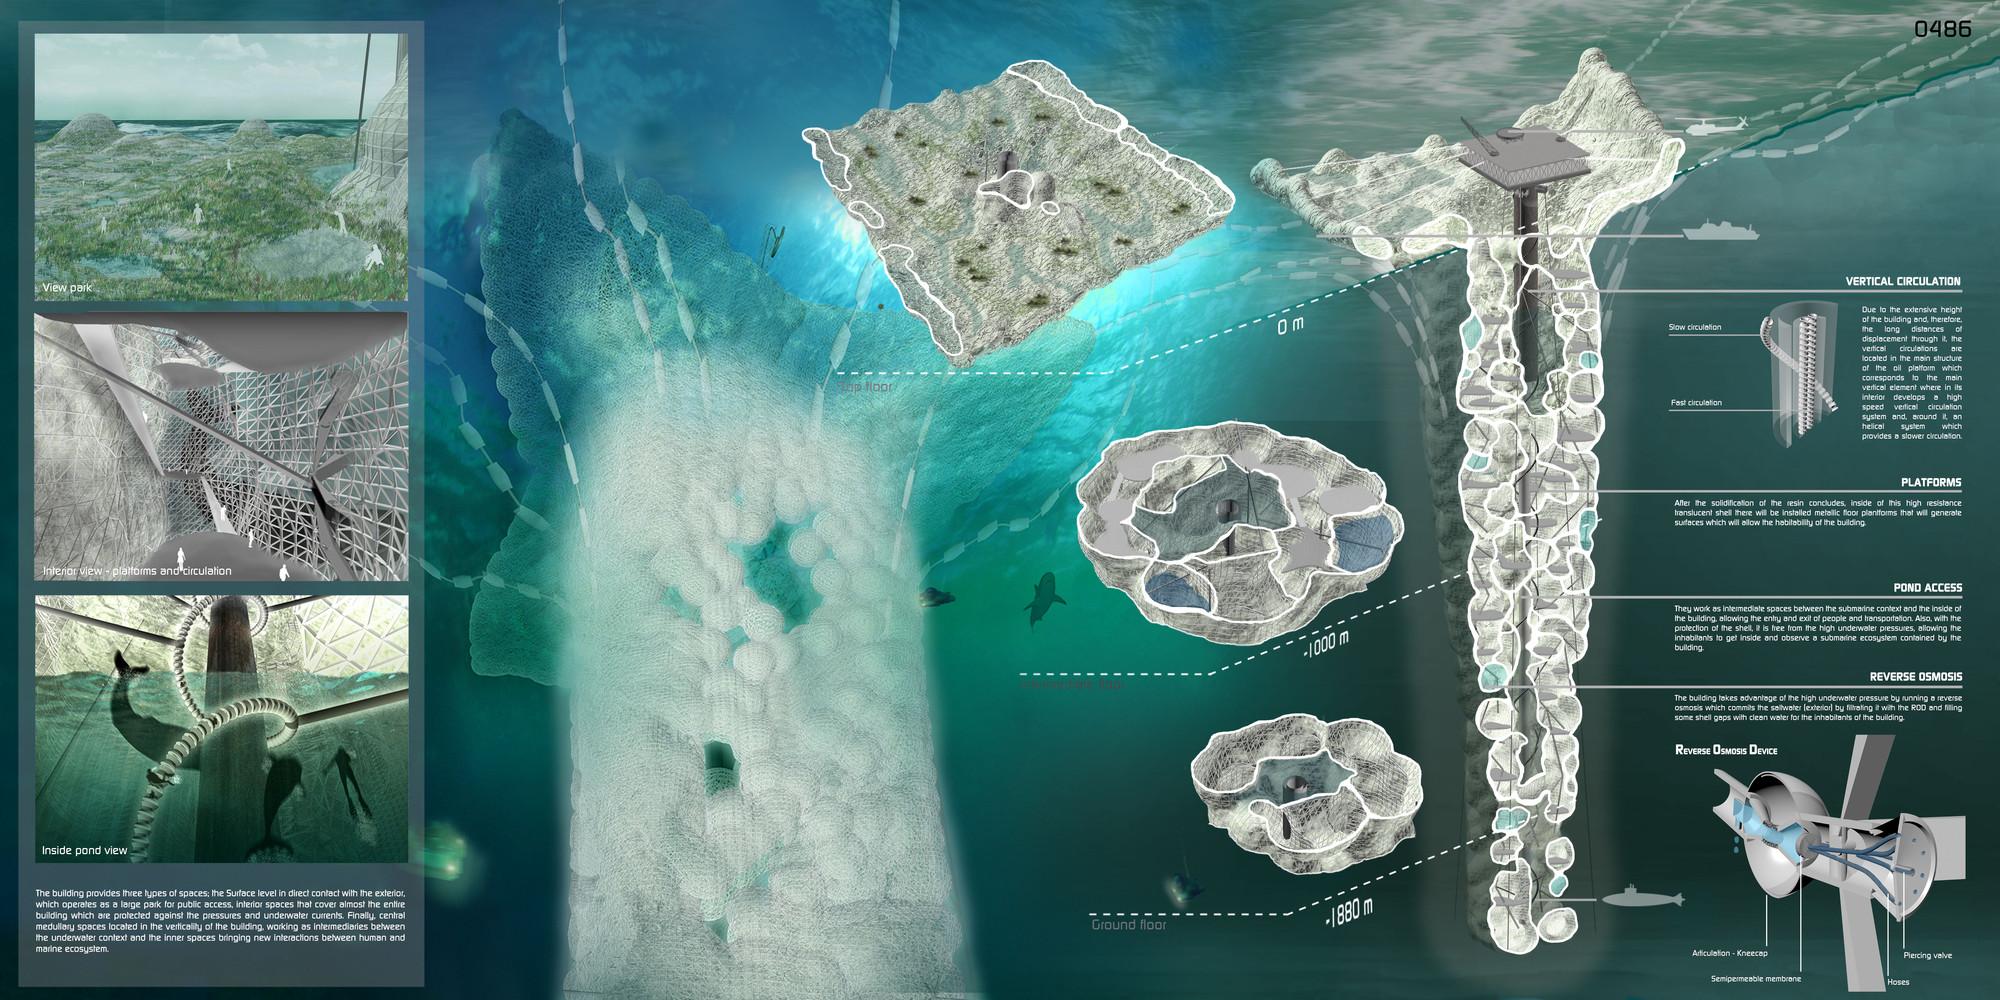 """""""Submarine Lighthouse"""" - plataformas de petróleo transformadas em arranha-céus submarinos, Prancha. Cortesia de Pablo Schaelchli e Fabián Cordero"""